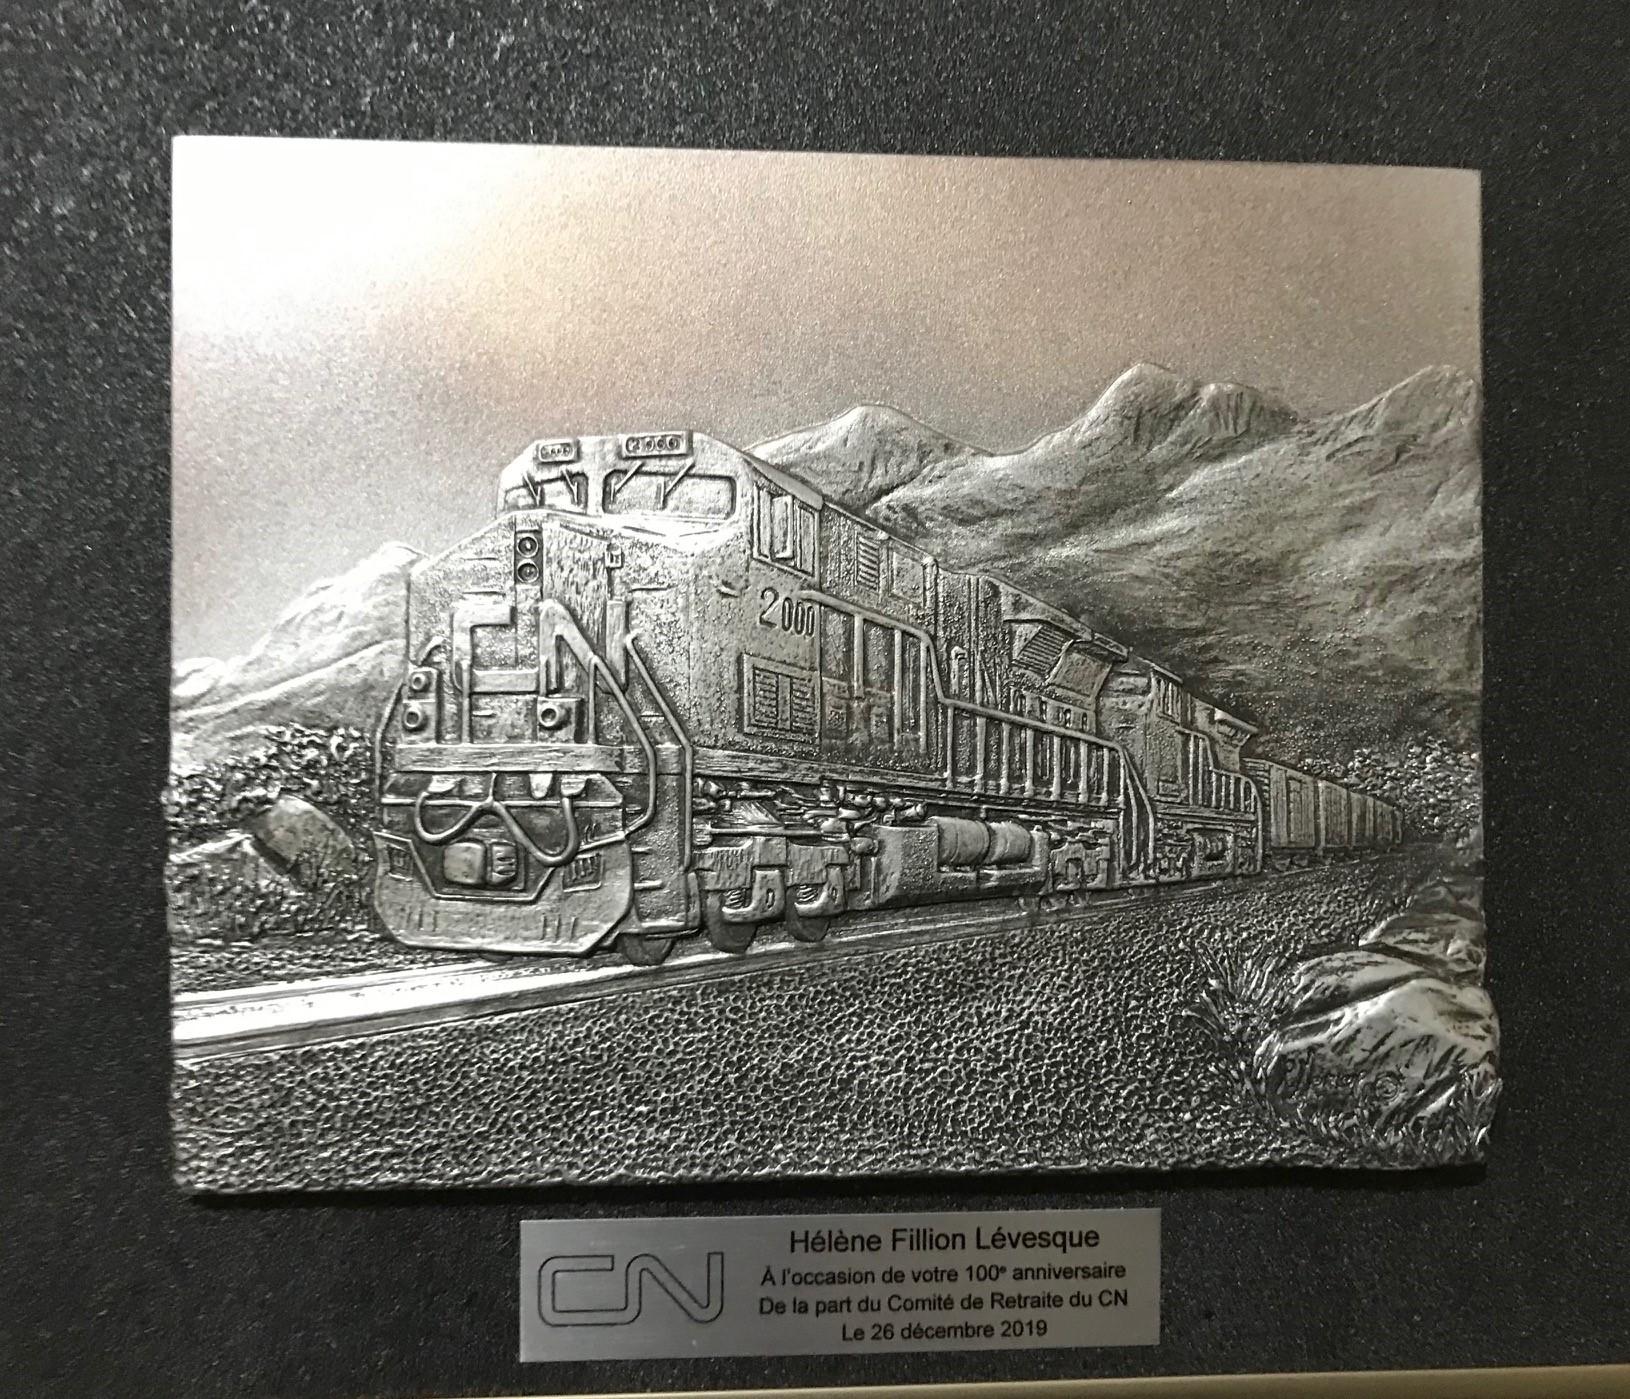 La plaque souvenir du CN remise à Mme Hélène Fillion-Levesque.